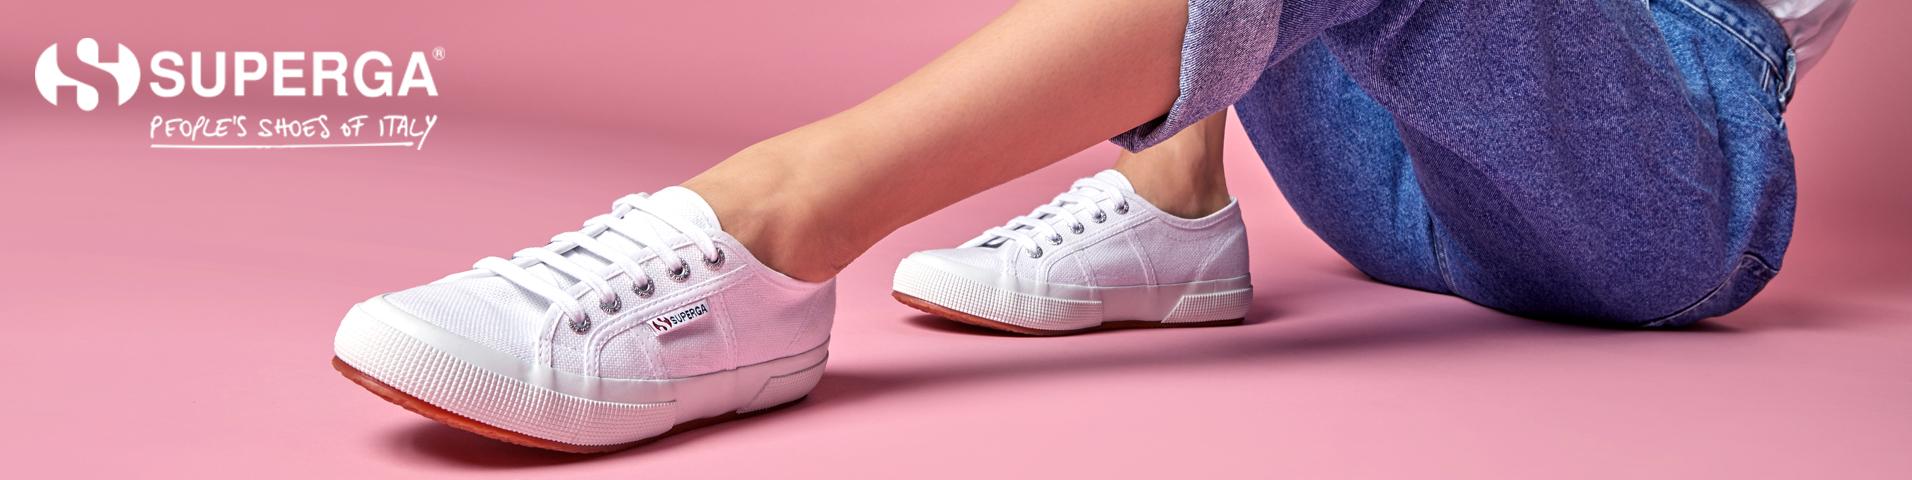 Scarpe da donna in promozione Superga | Sceglile su Zalando